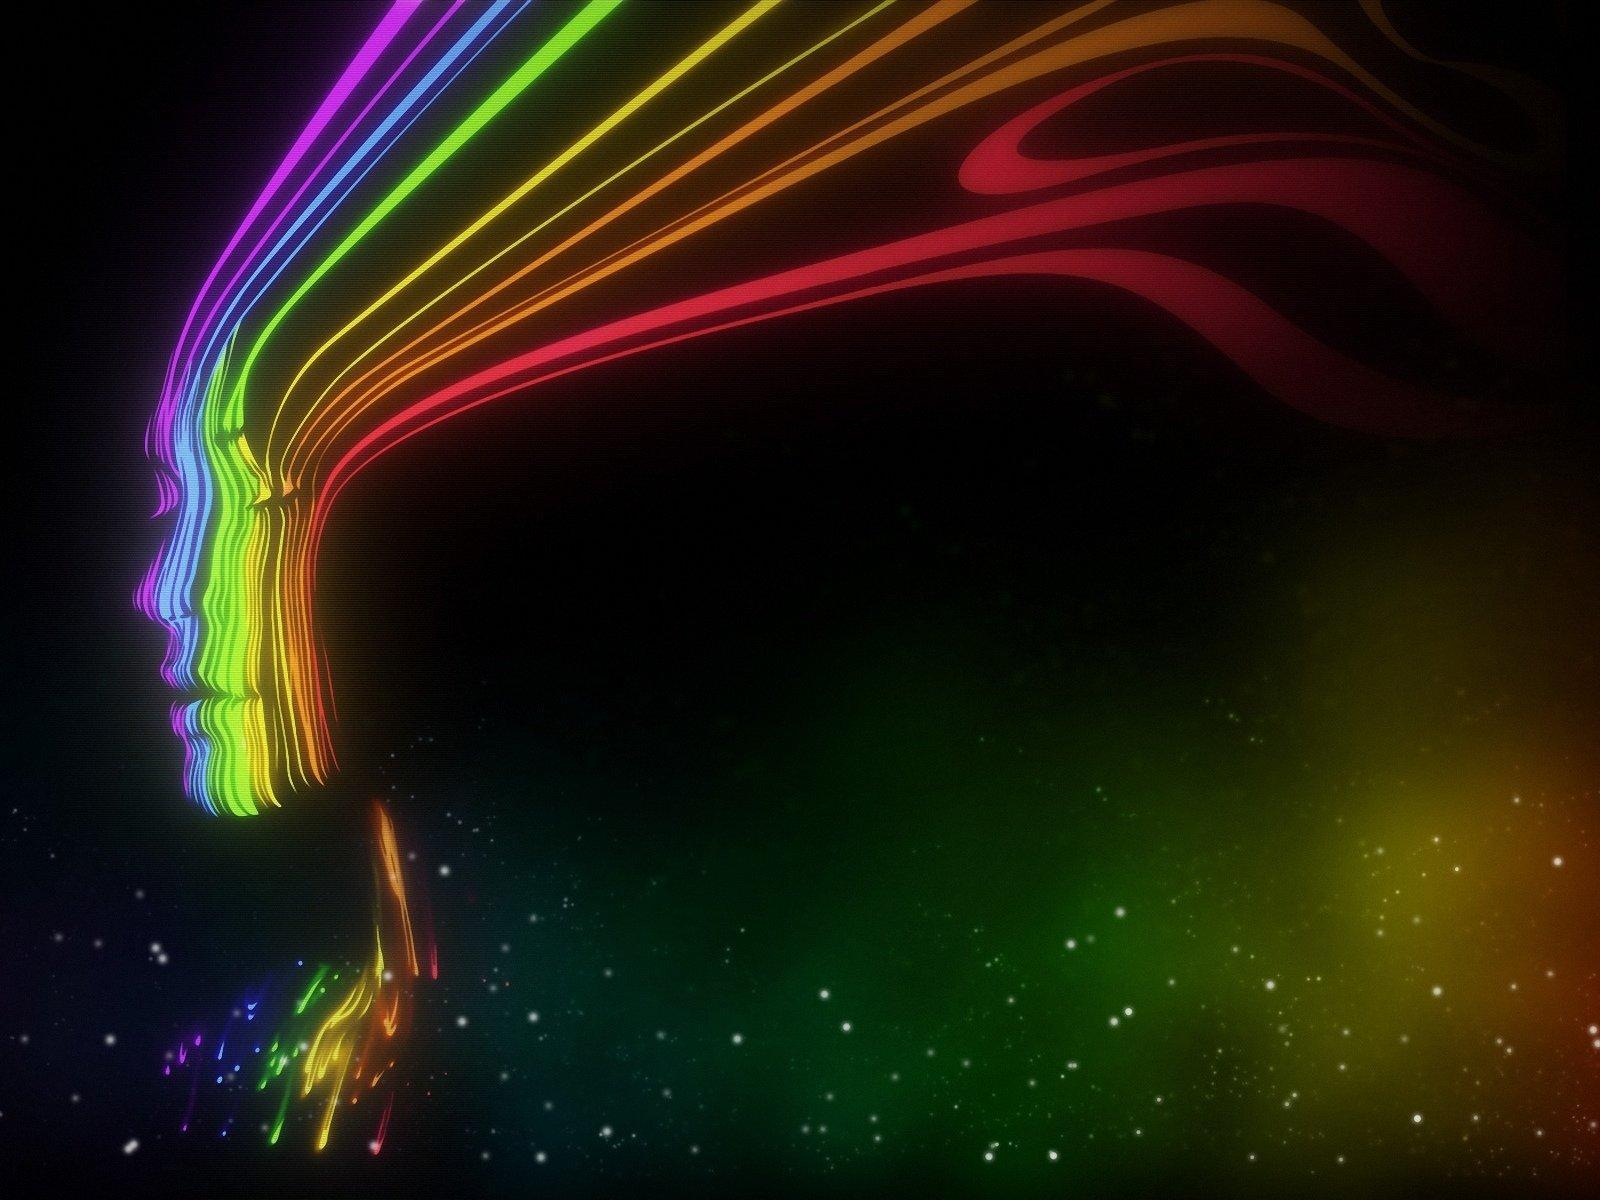 Abstract - CGI   Wallpaper